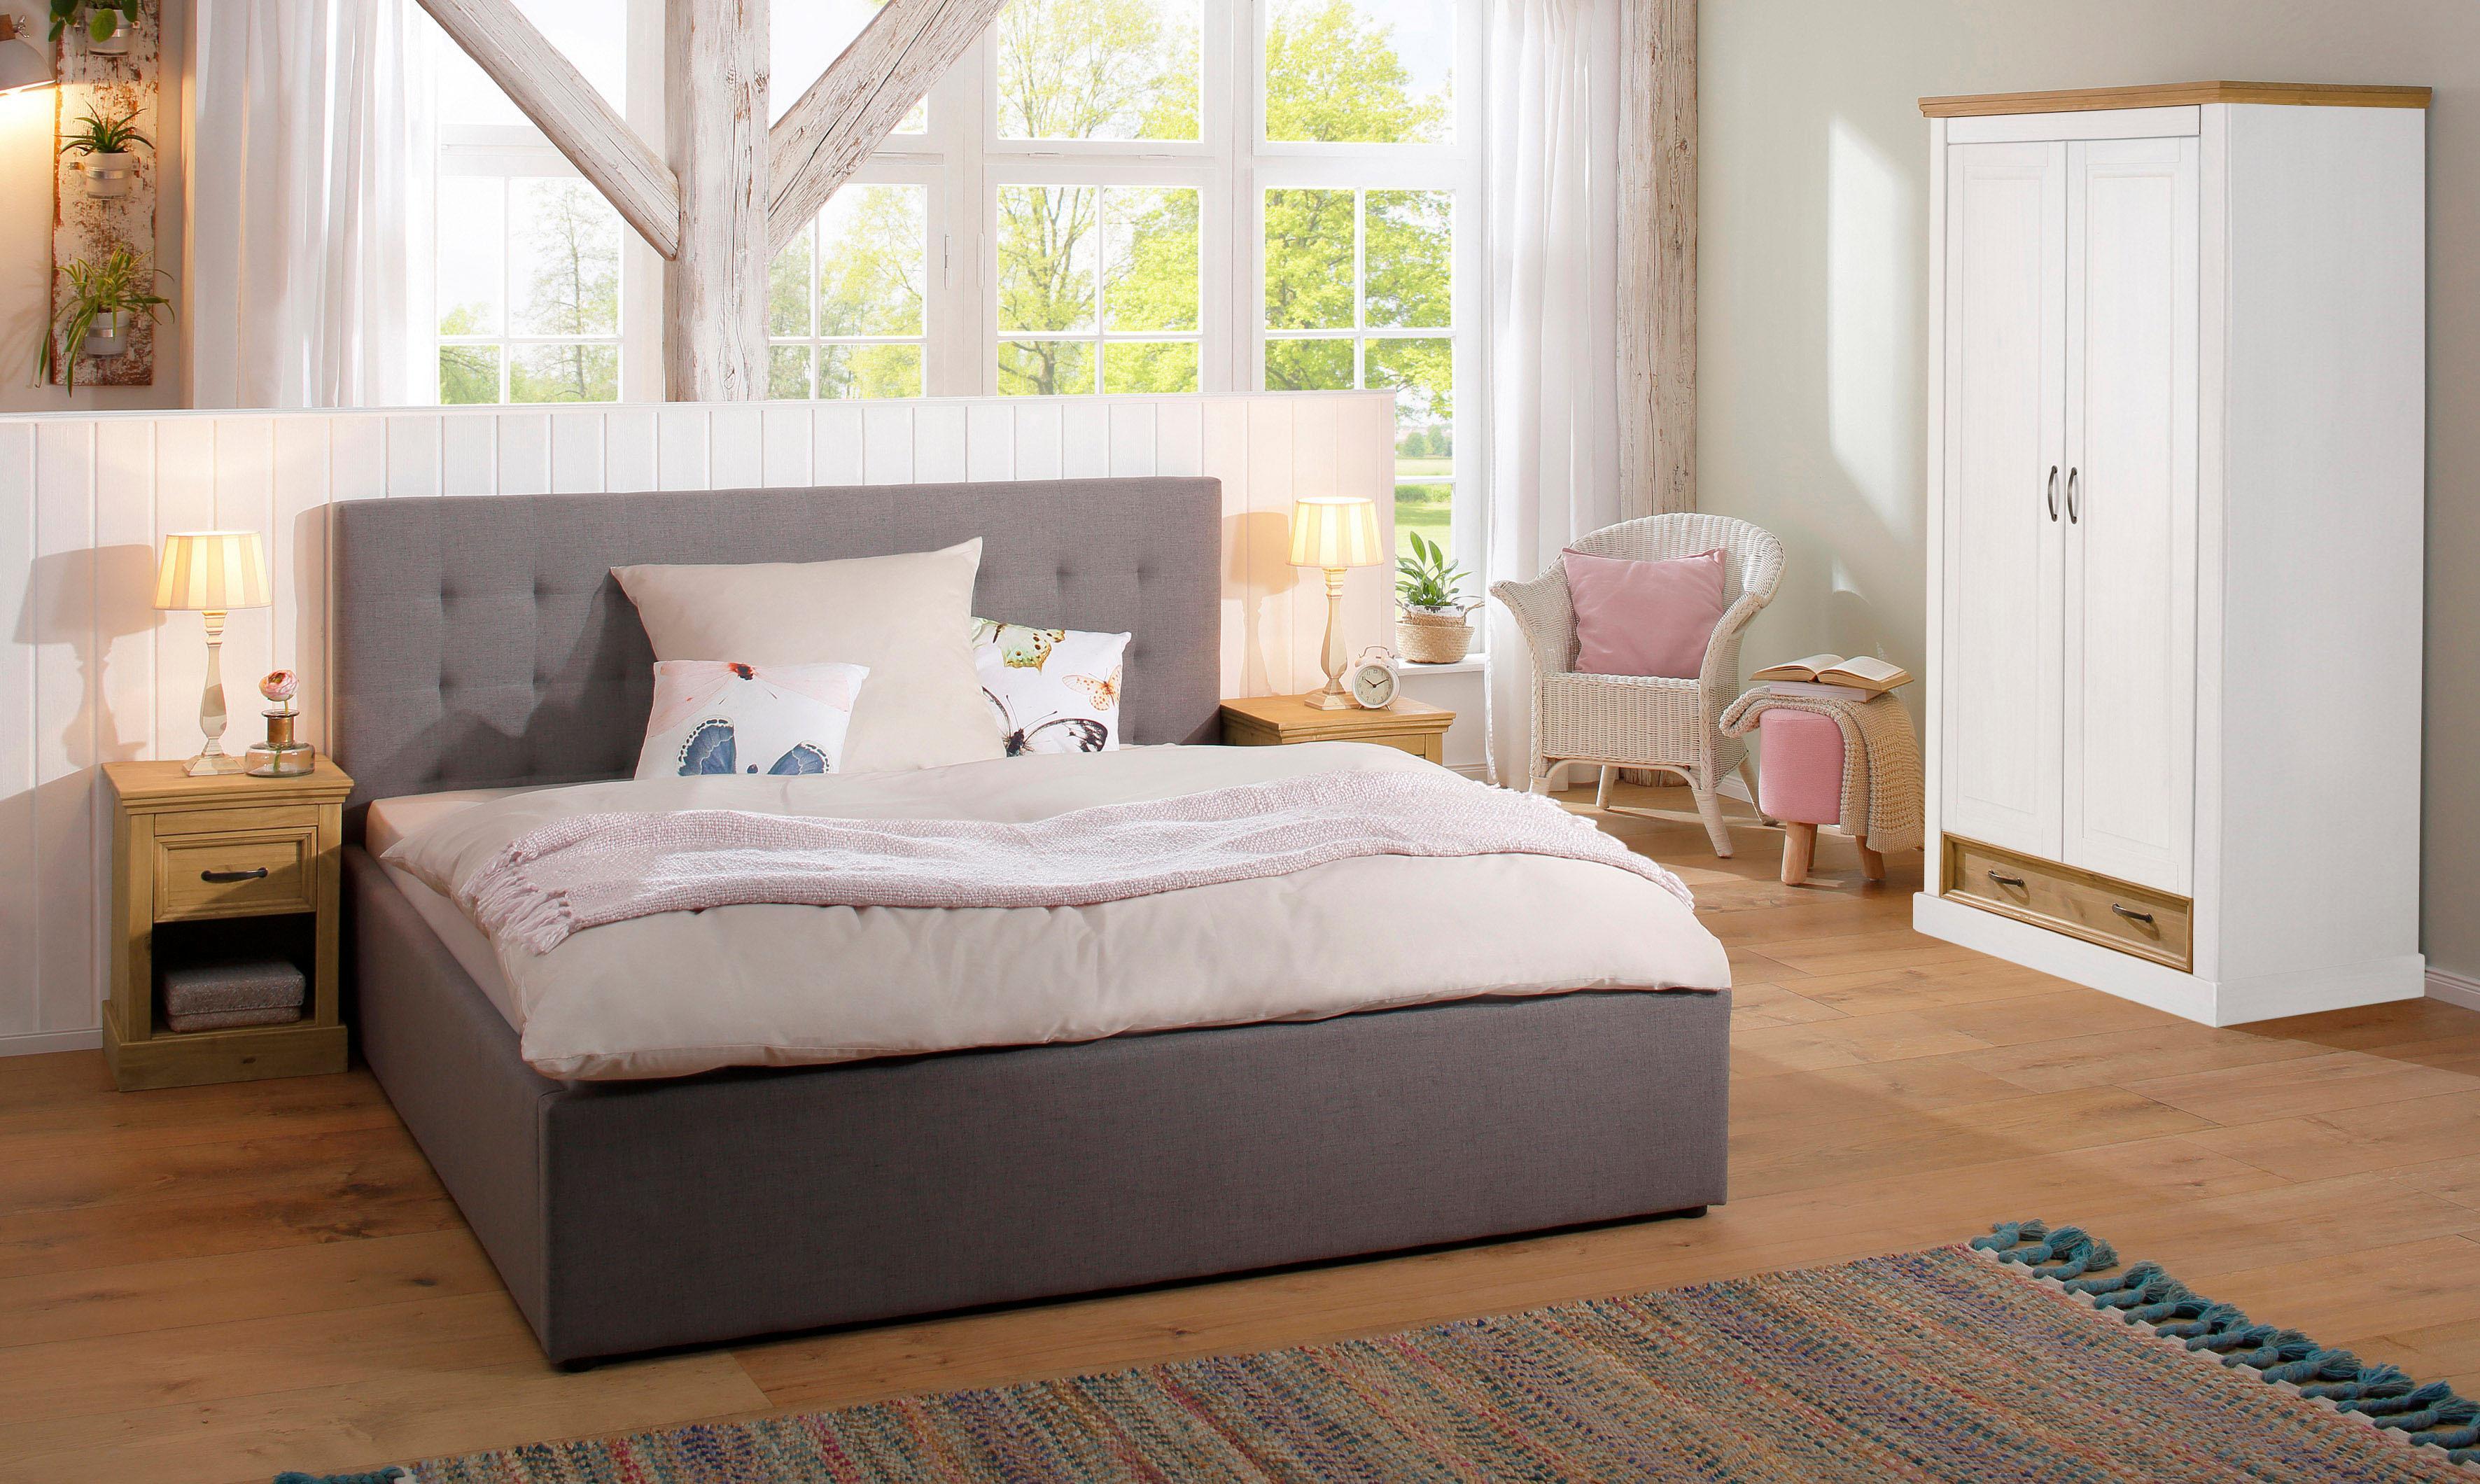 Home Affaire zweitüriger Kleiderschrank Selma für das Schlafzimmer aus massiven Holz Höhe 190 cm